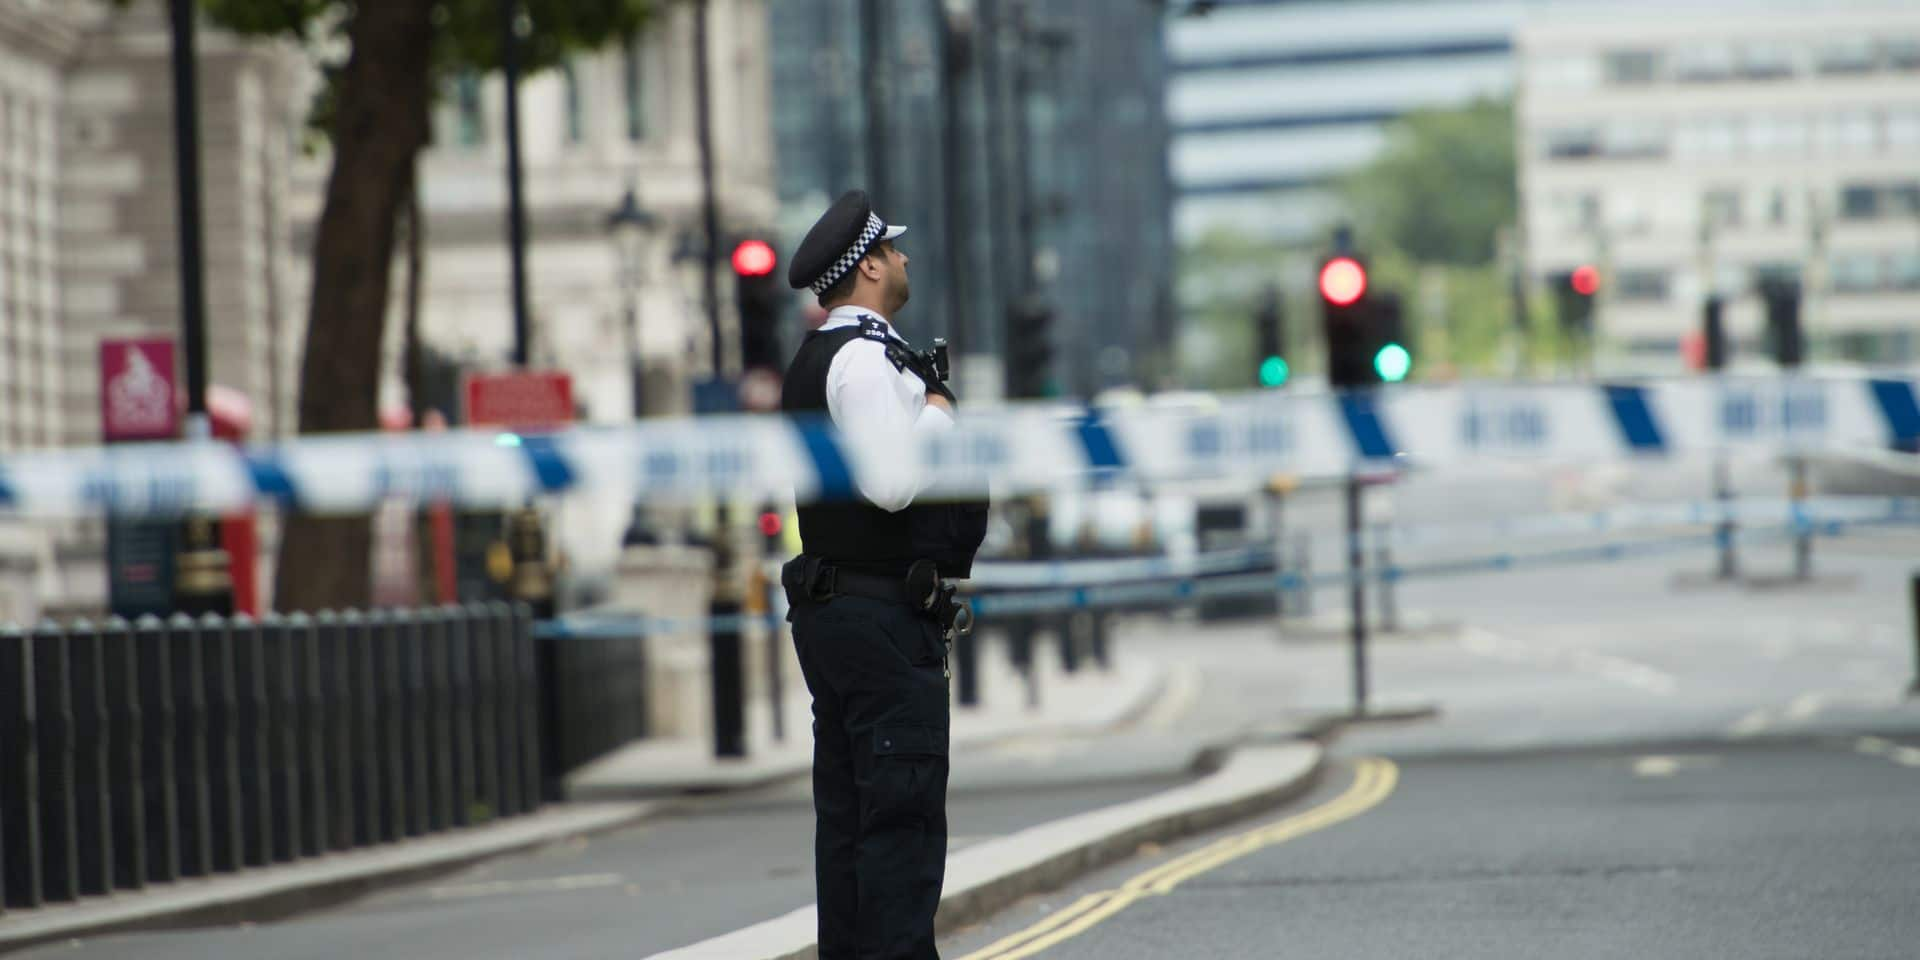 Un homme a été poignardé devant le ministère de l'Intérieur à Londres